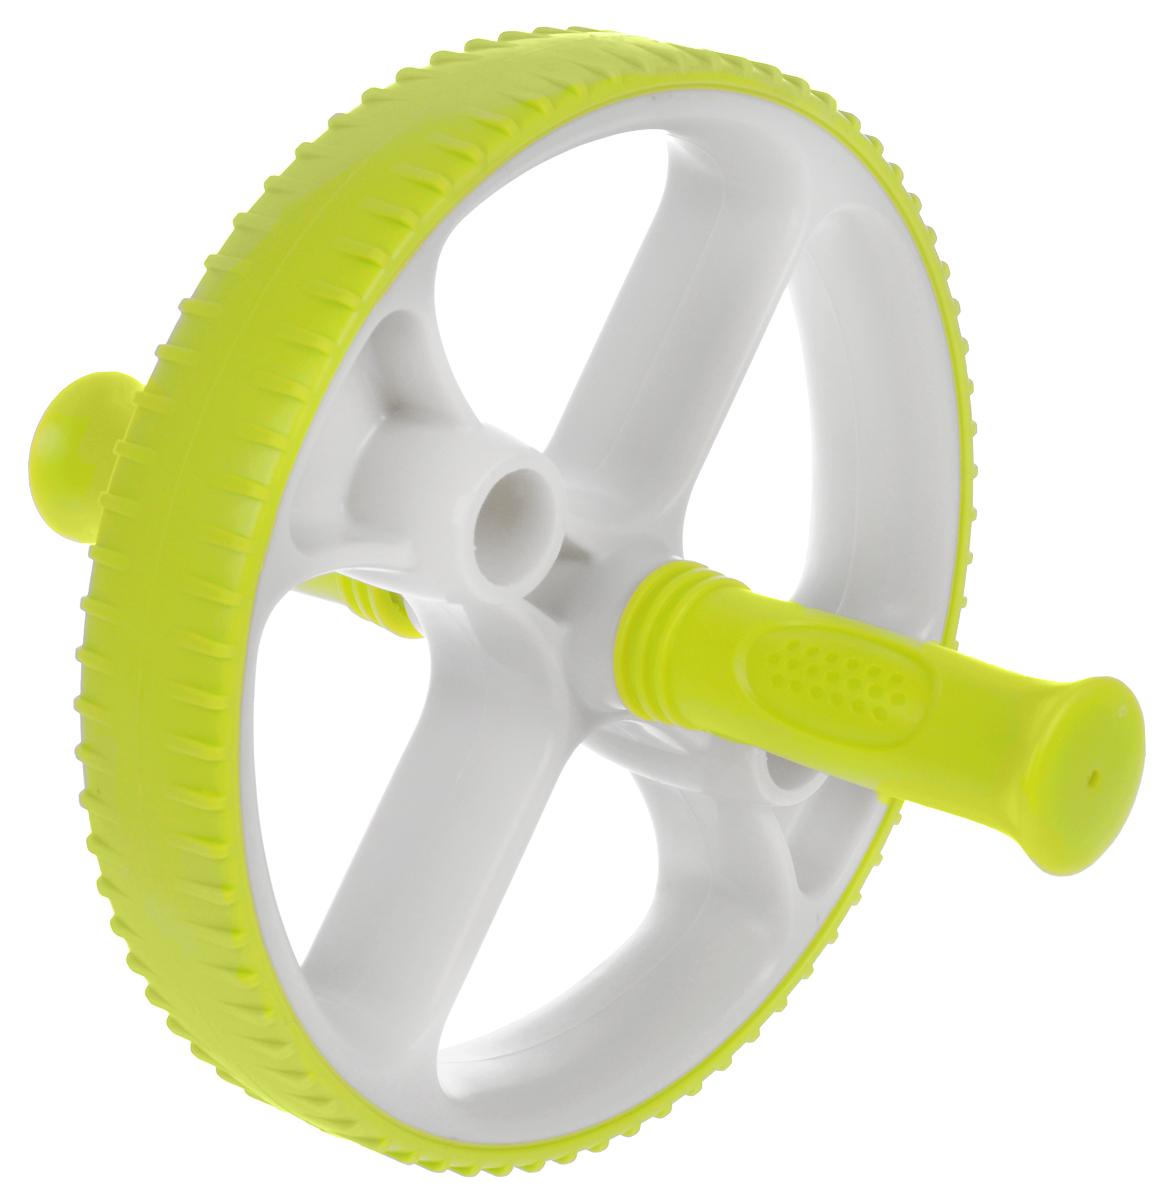 Ролик для пресса Ecowellness, со сменными ручками, цвет: зеленый, диаметр 22,5 см. QB-704G3-BQB-704G3-BЭтот прочный ролик для пресса изготовлен из термопластичной резины и идеально подходит для тренировки мышц нижней части живота, при этом так же тренируются мышцы пресса, спины, рук и плеч. Сменные рукоятки позволяют делать как простые, так и более сложные упражнения. Ролик имеет увеличенный диаметр - 22,5 см. Как выбрать кардиотренажер для похудения. Статья OZON Гид